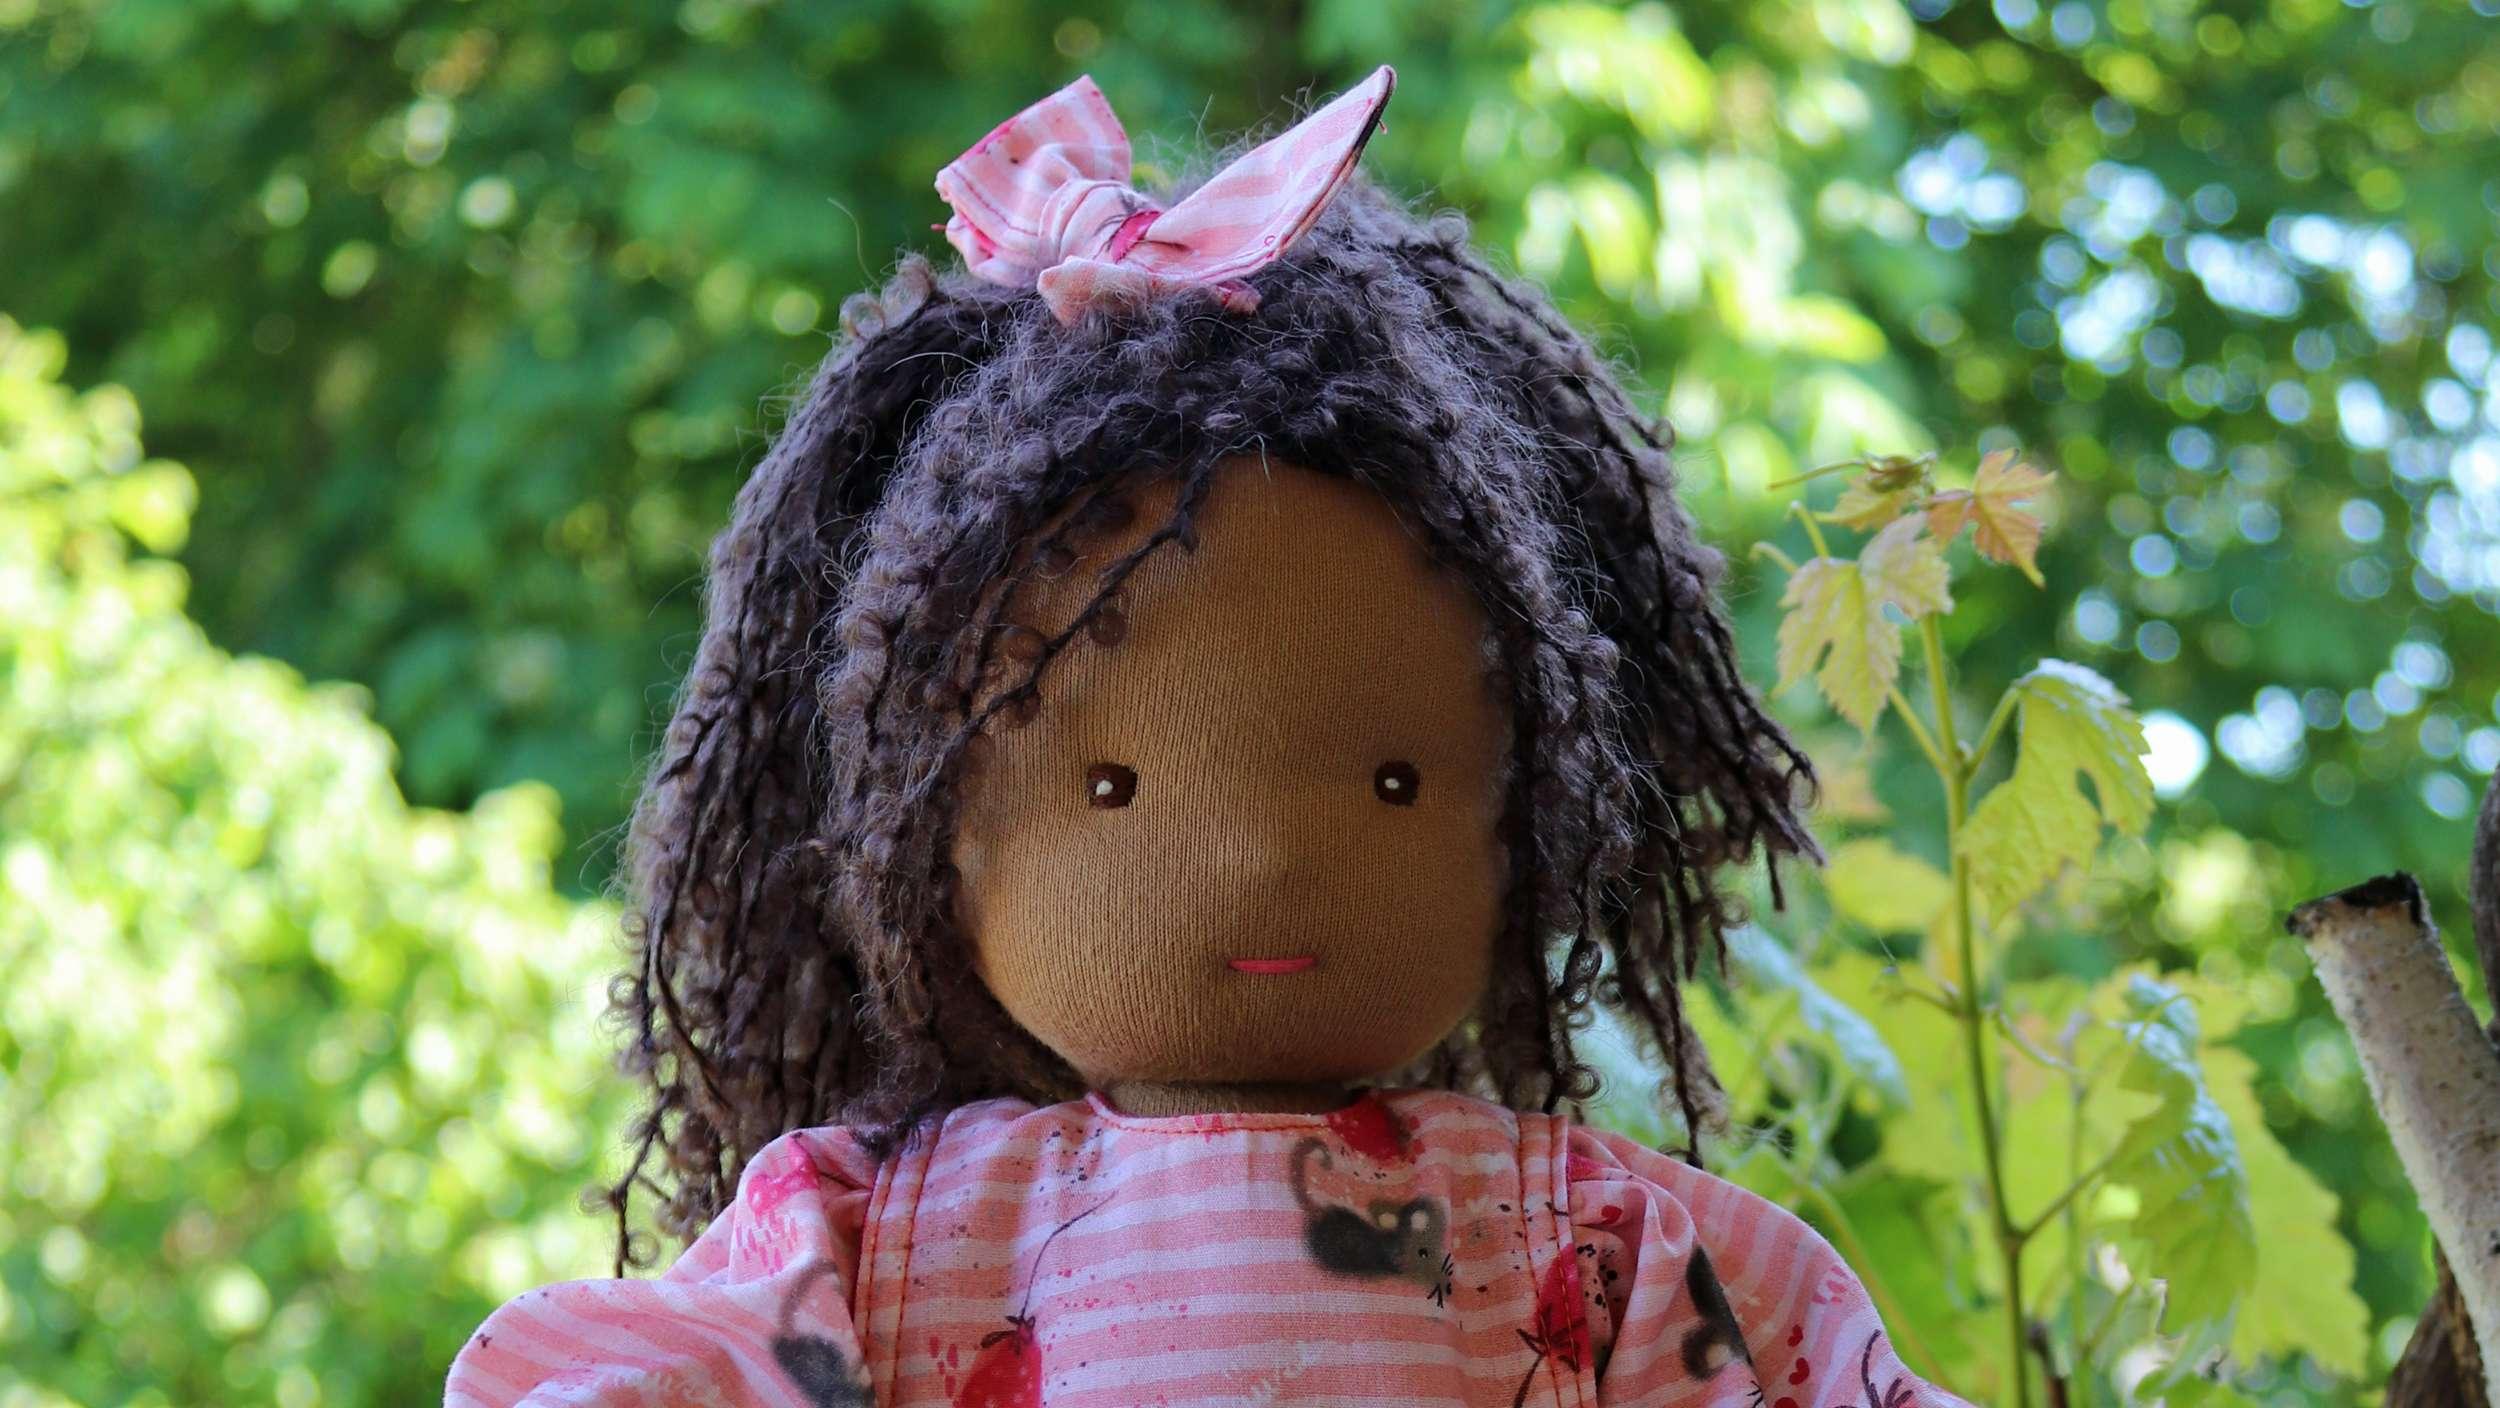 Puppen mit dunkler Hautfarbe